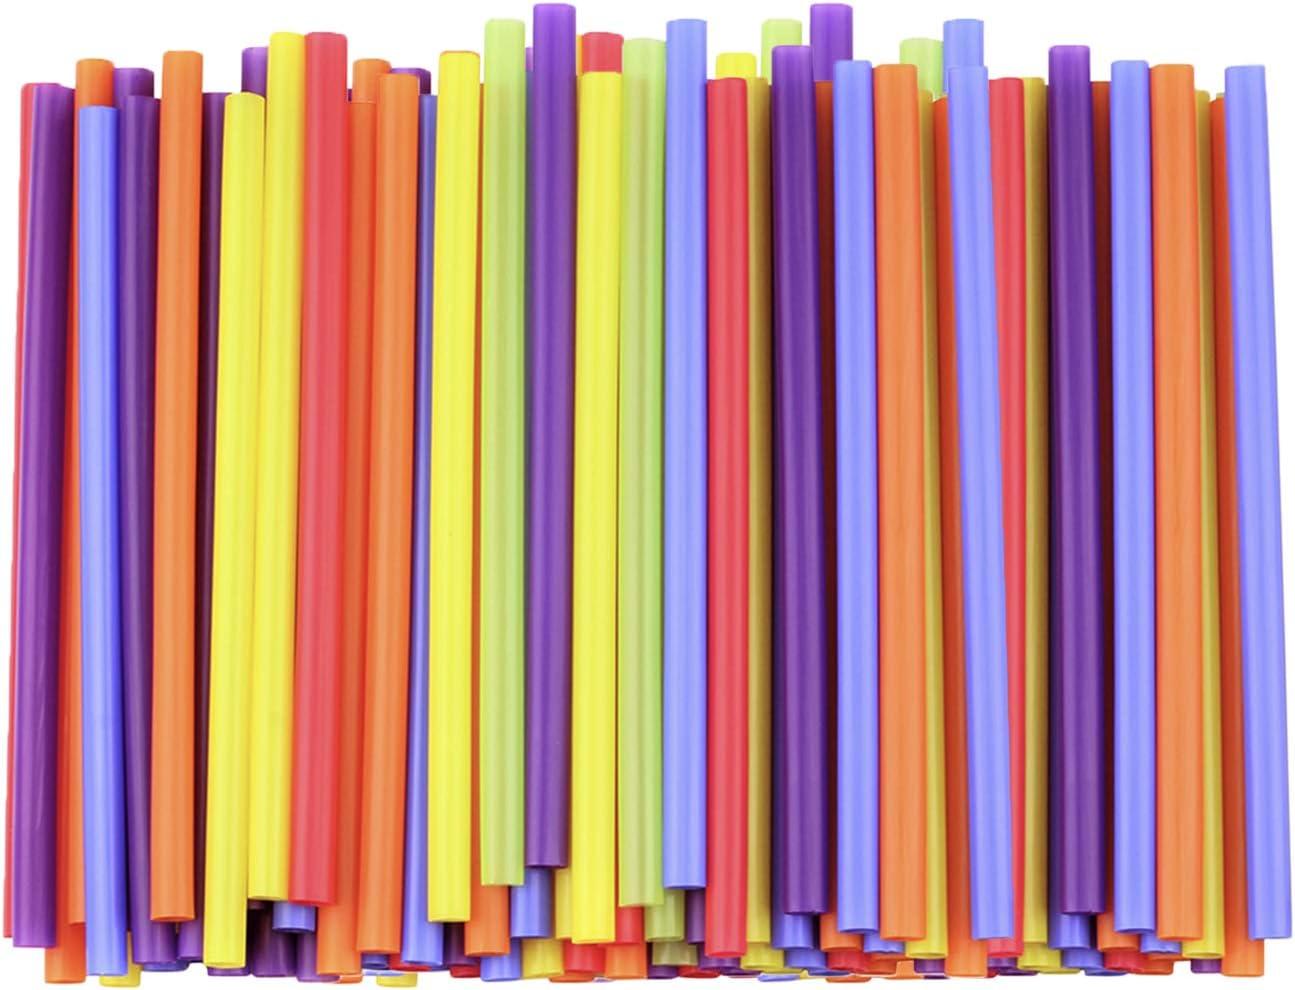 [200 Pack] Jumbo Smoothie Straws - 8.5